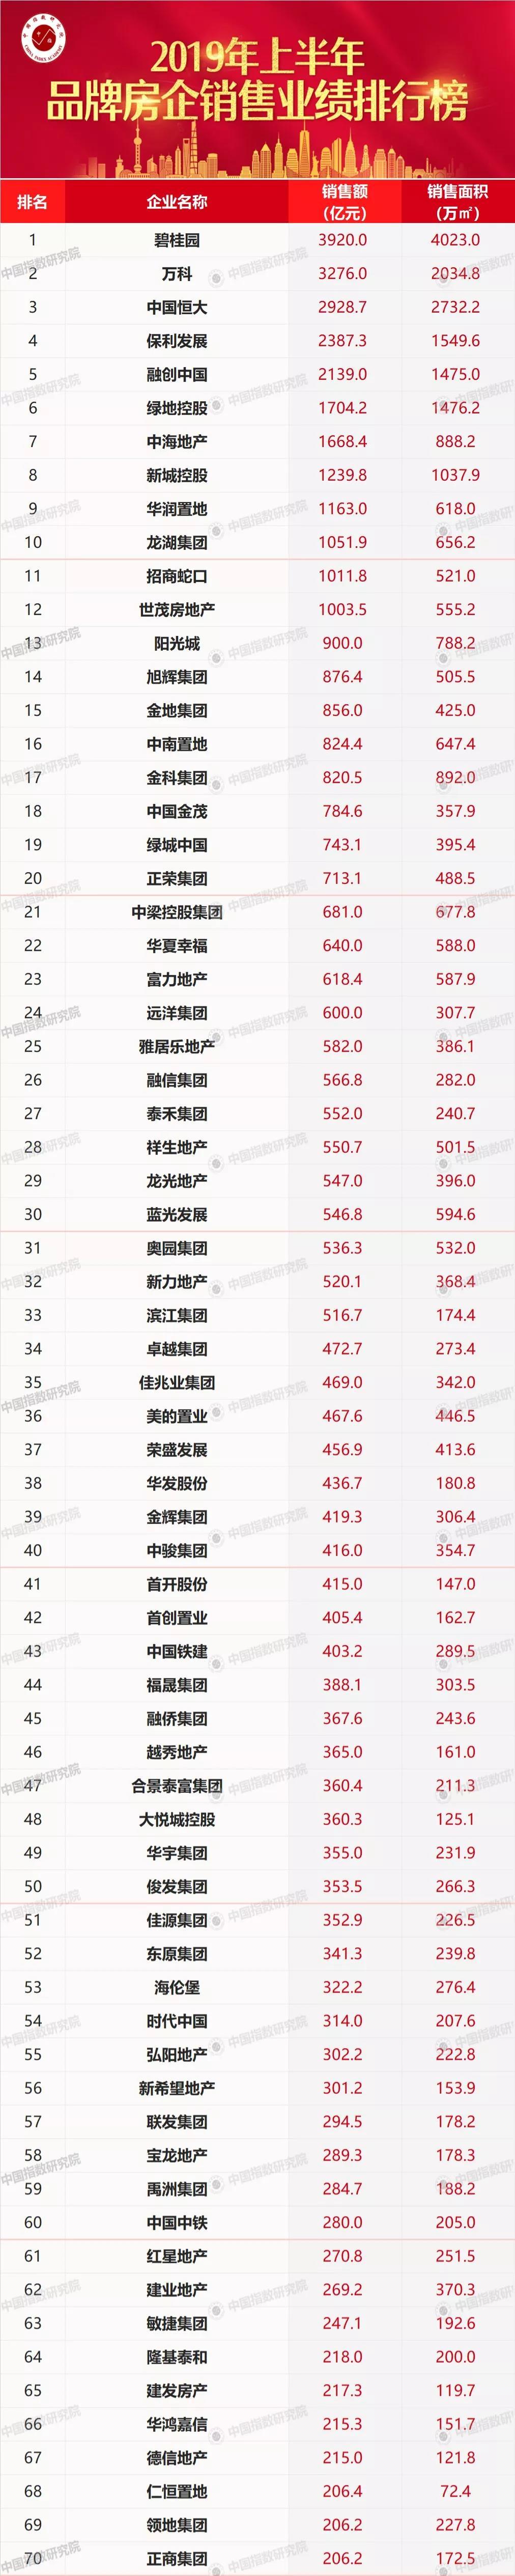 2019上半年品牌房企销售业绩排行榜:碧桂园、万科领衔